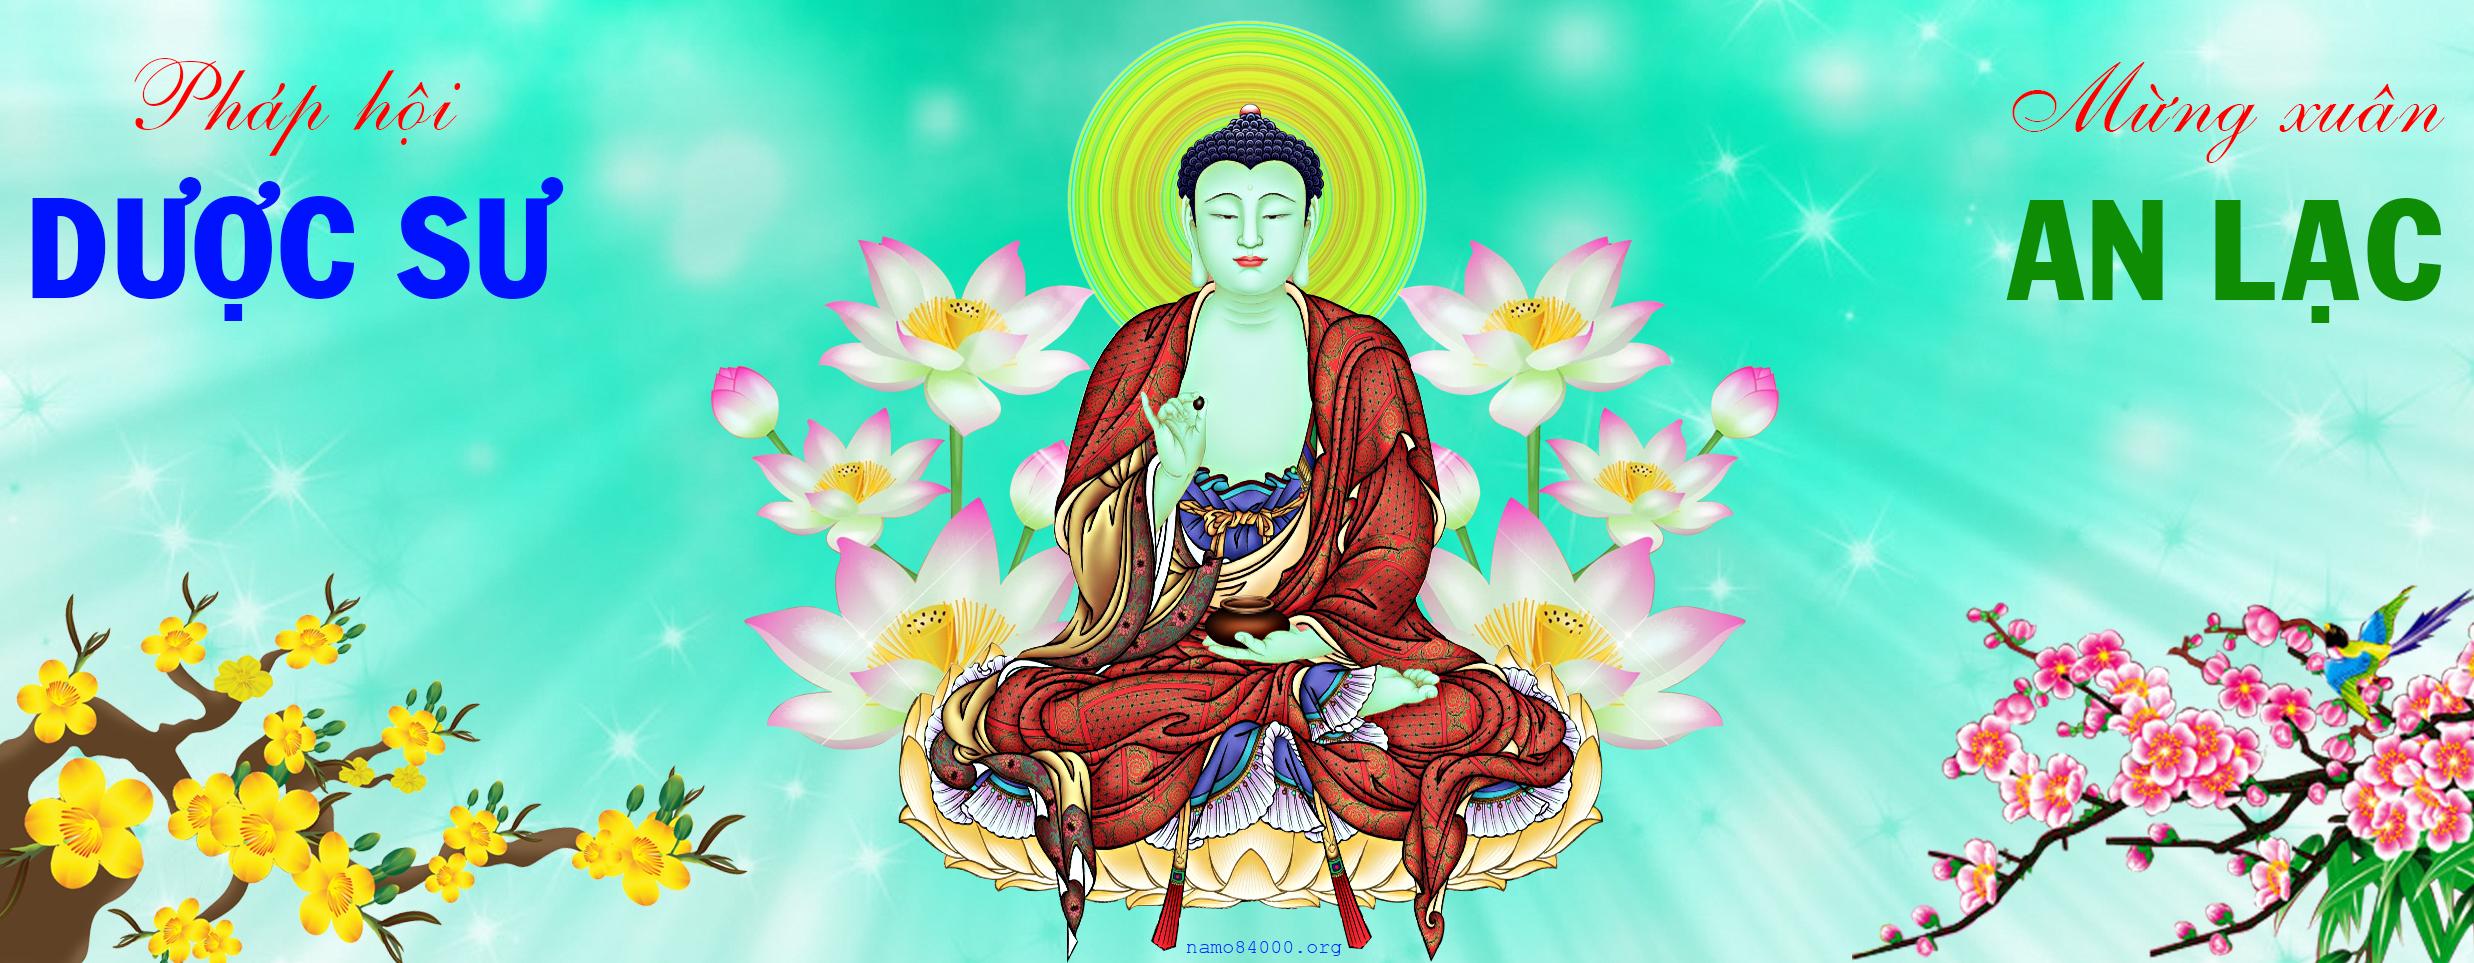 Phap Hoi Duoc Su